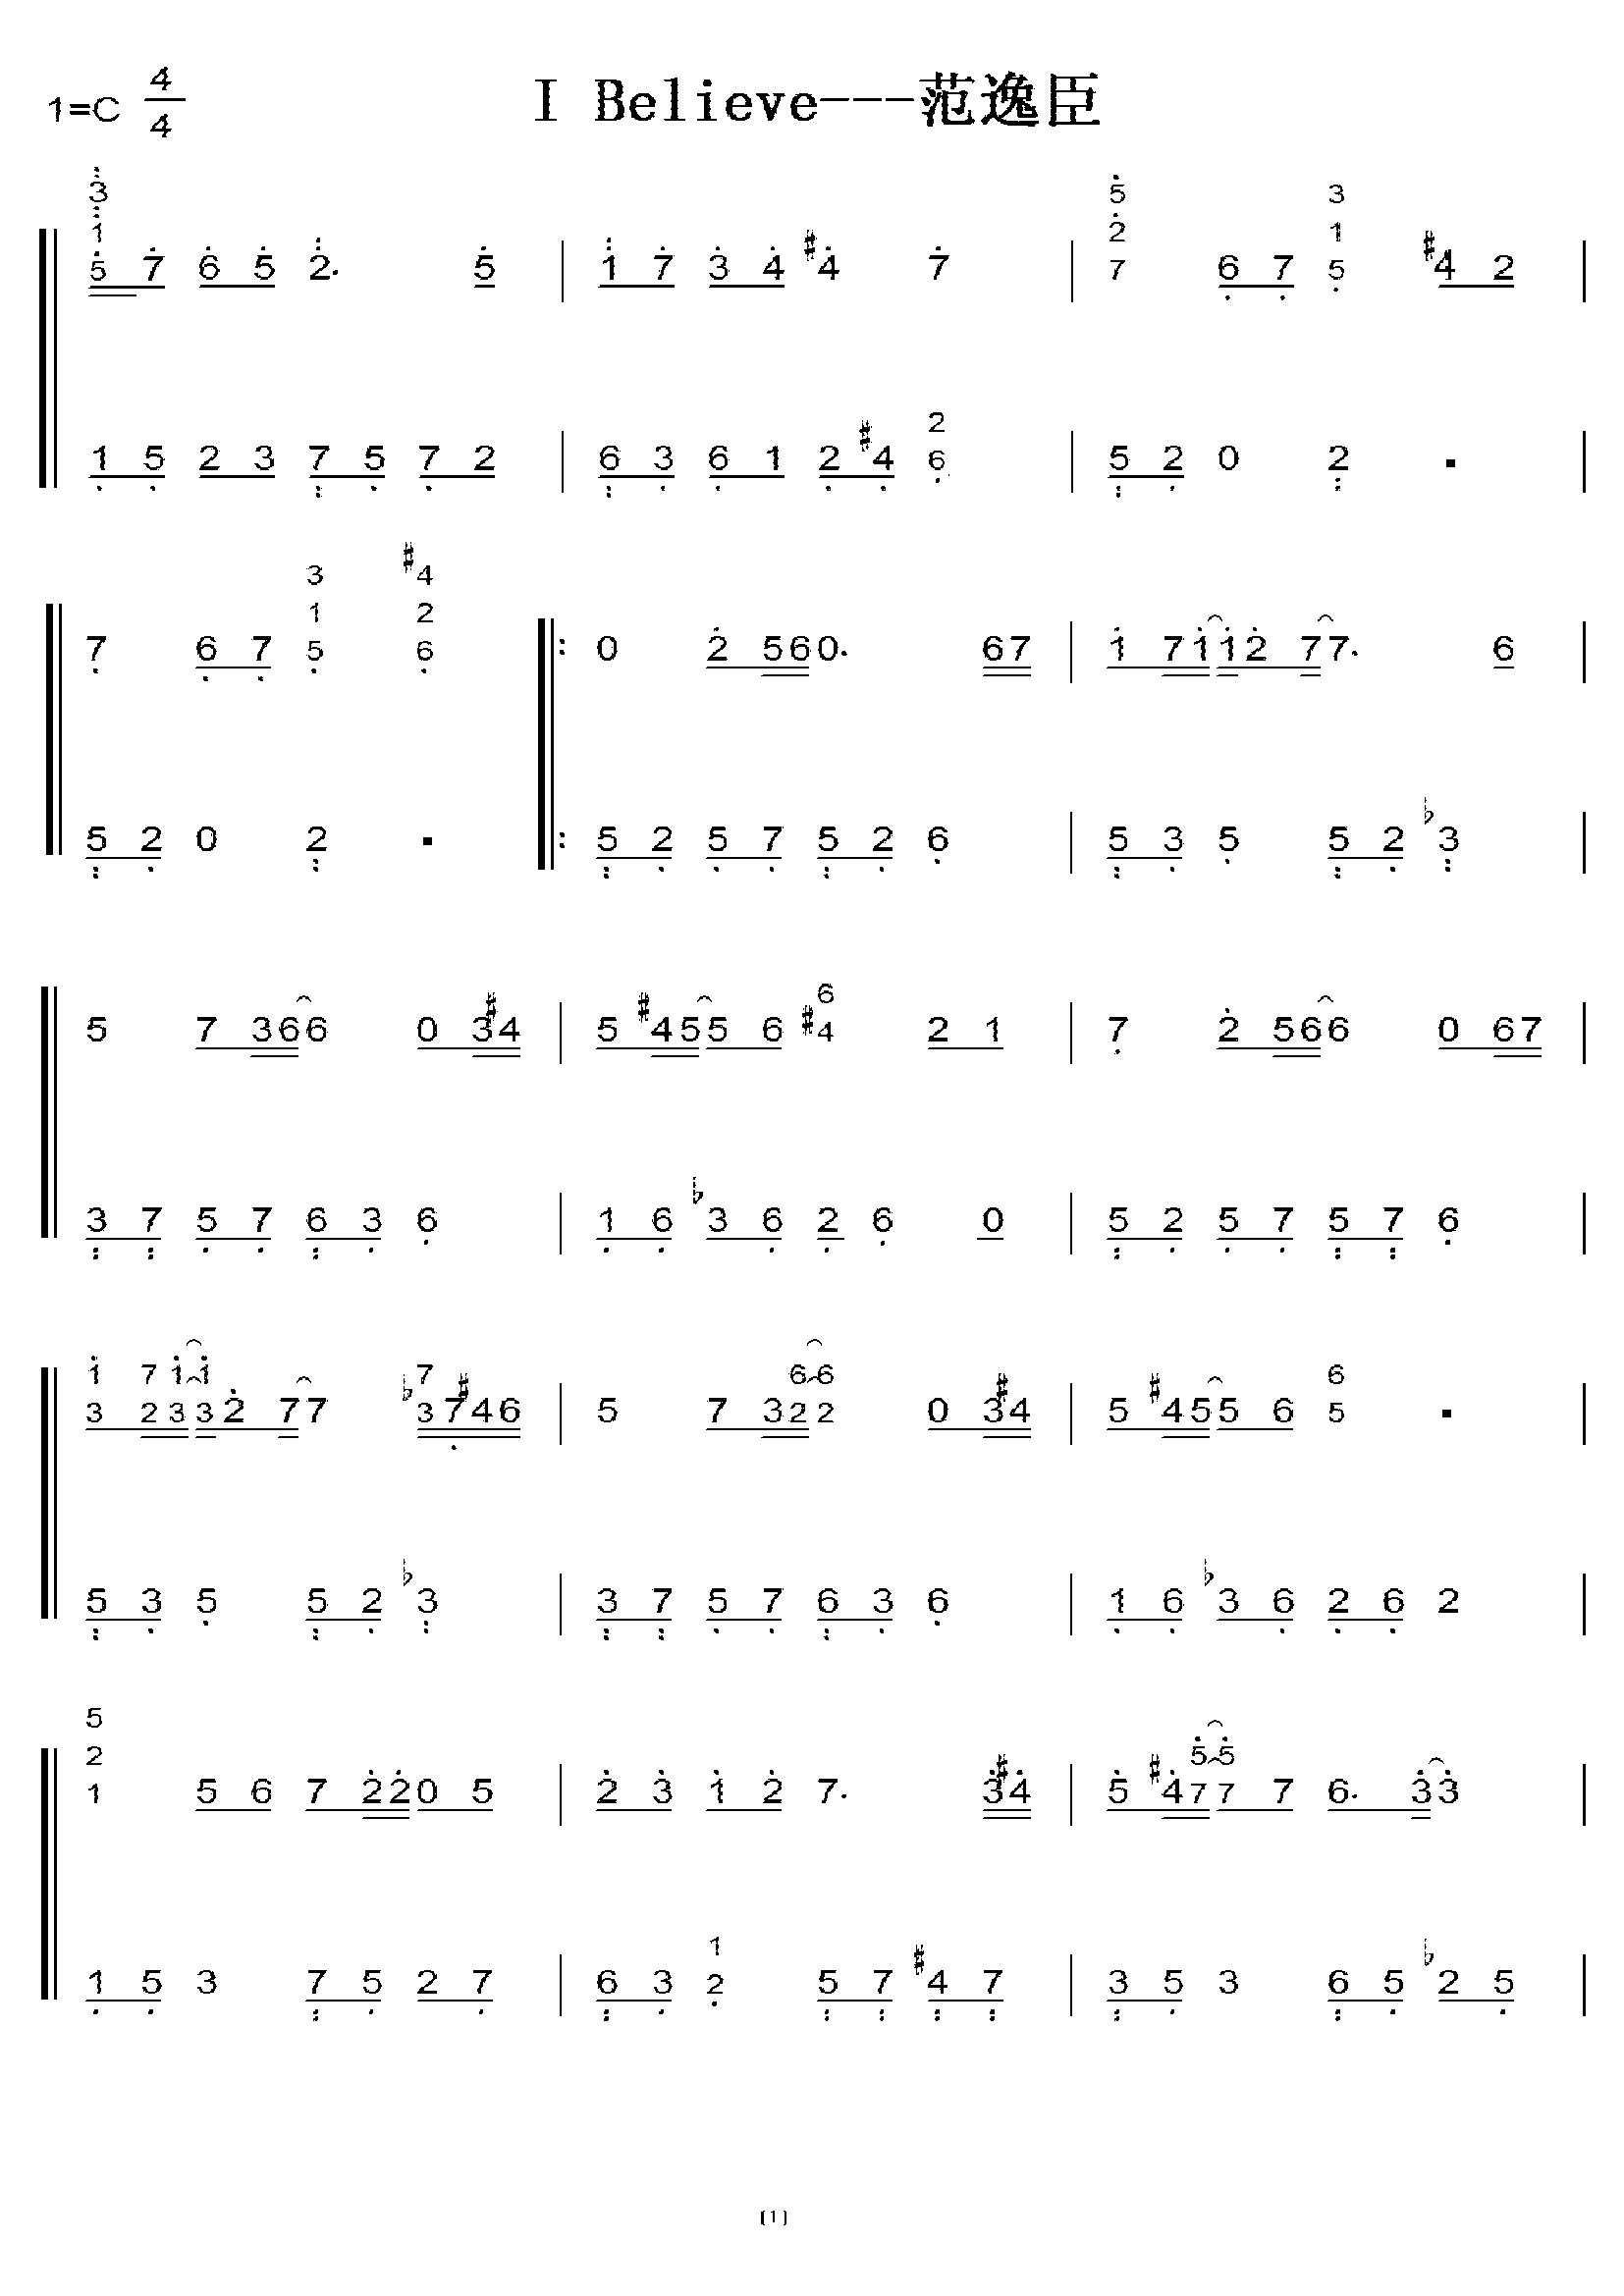 孙楠i believe 初学者c调简易版 钢琴双手简谱 钢琴简谱 钢琴谱图片